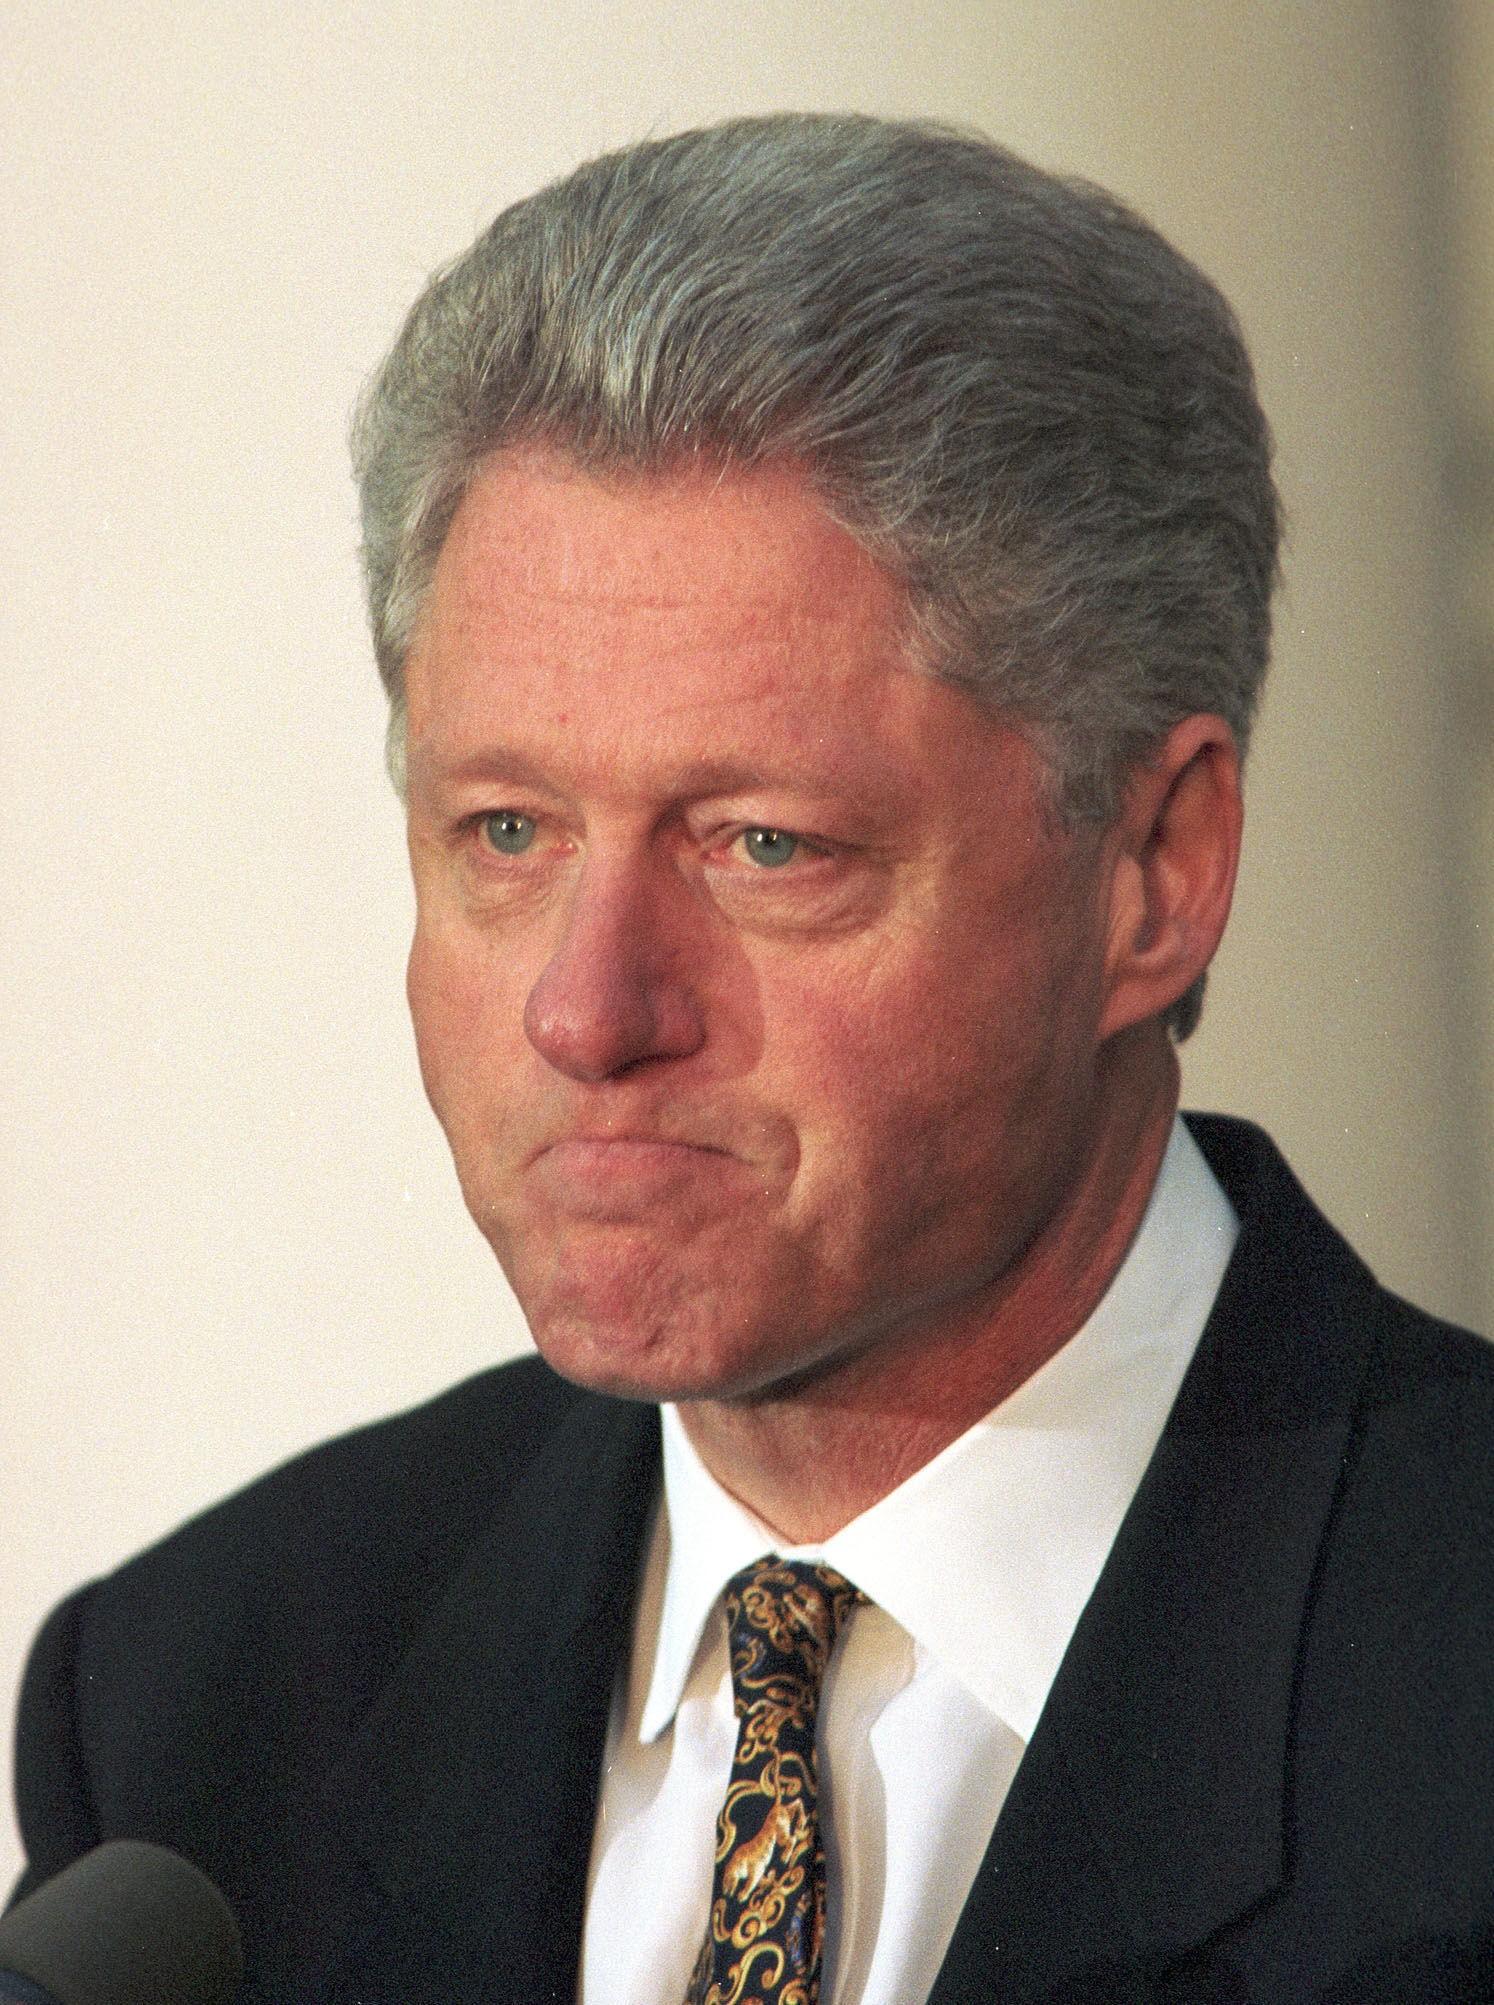 ANGRENDE MANN: Bill Clinton nektet først for å ha et seksuelt forhold til praktikanten Monica Lewinsky. Etter at bevis om forhold ble lekket til pressen, sto han frem som en angrende synder. Her fra pressekonferansen da han Clinton ba nasjonen om unnskyldning i 1998.